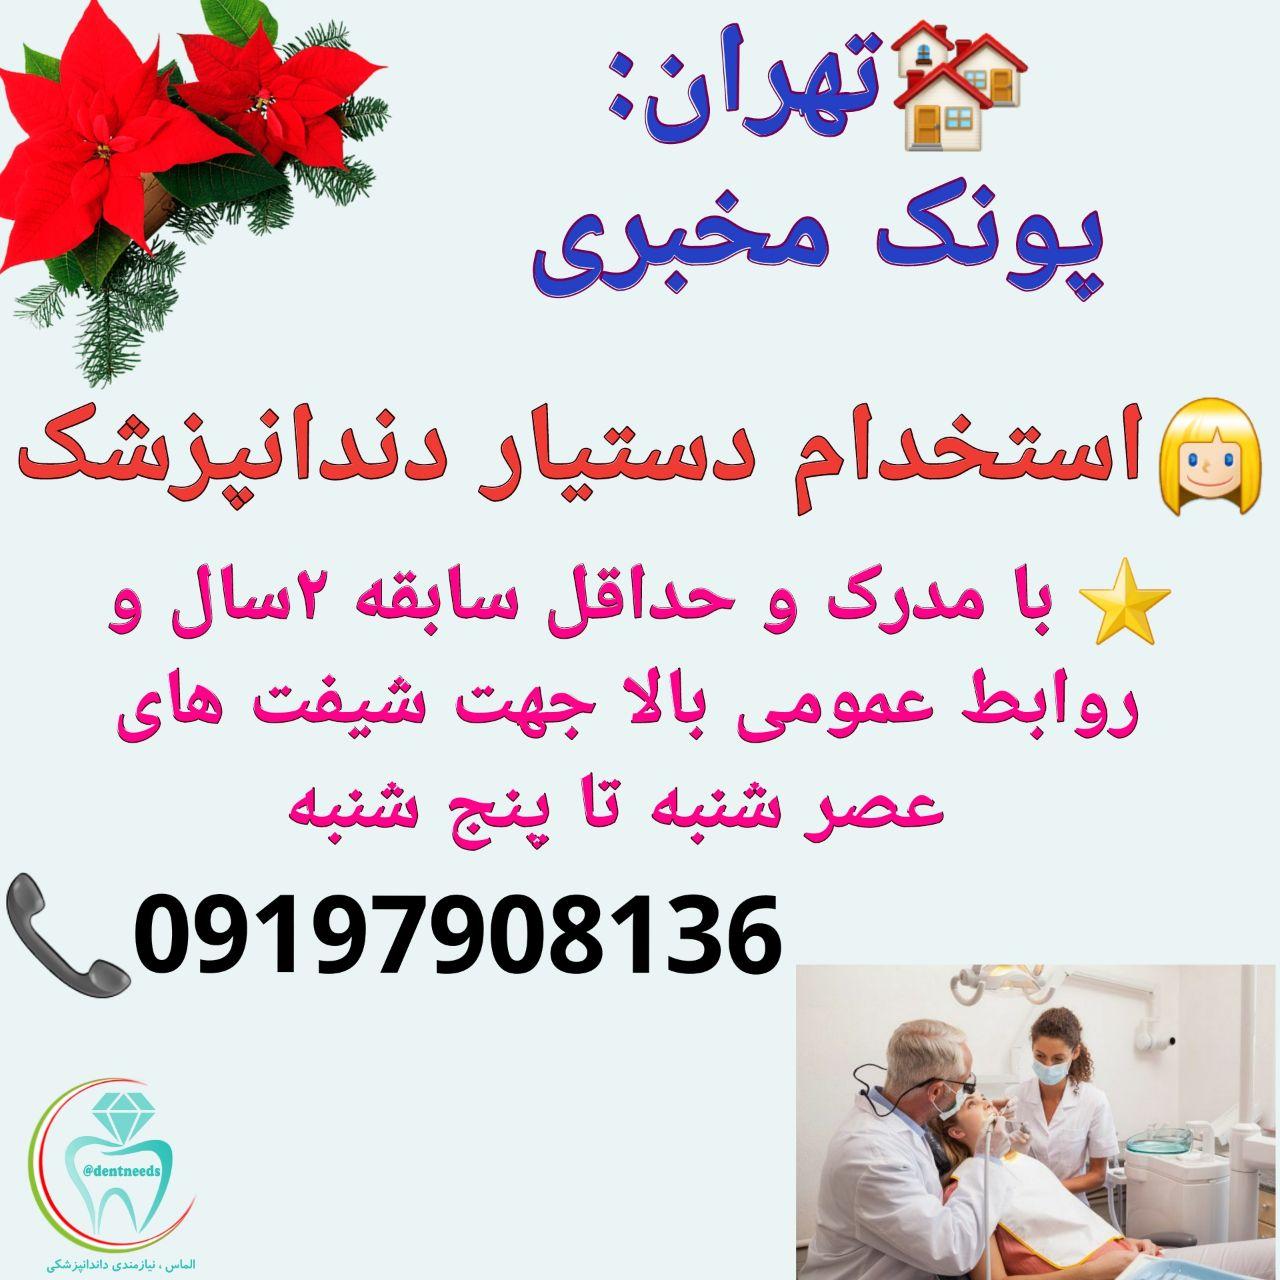 تهران: پونک مخبری، استخدام دستیار دندانپزشک